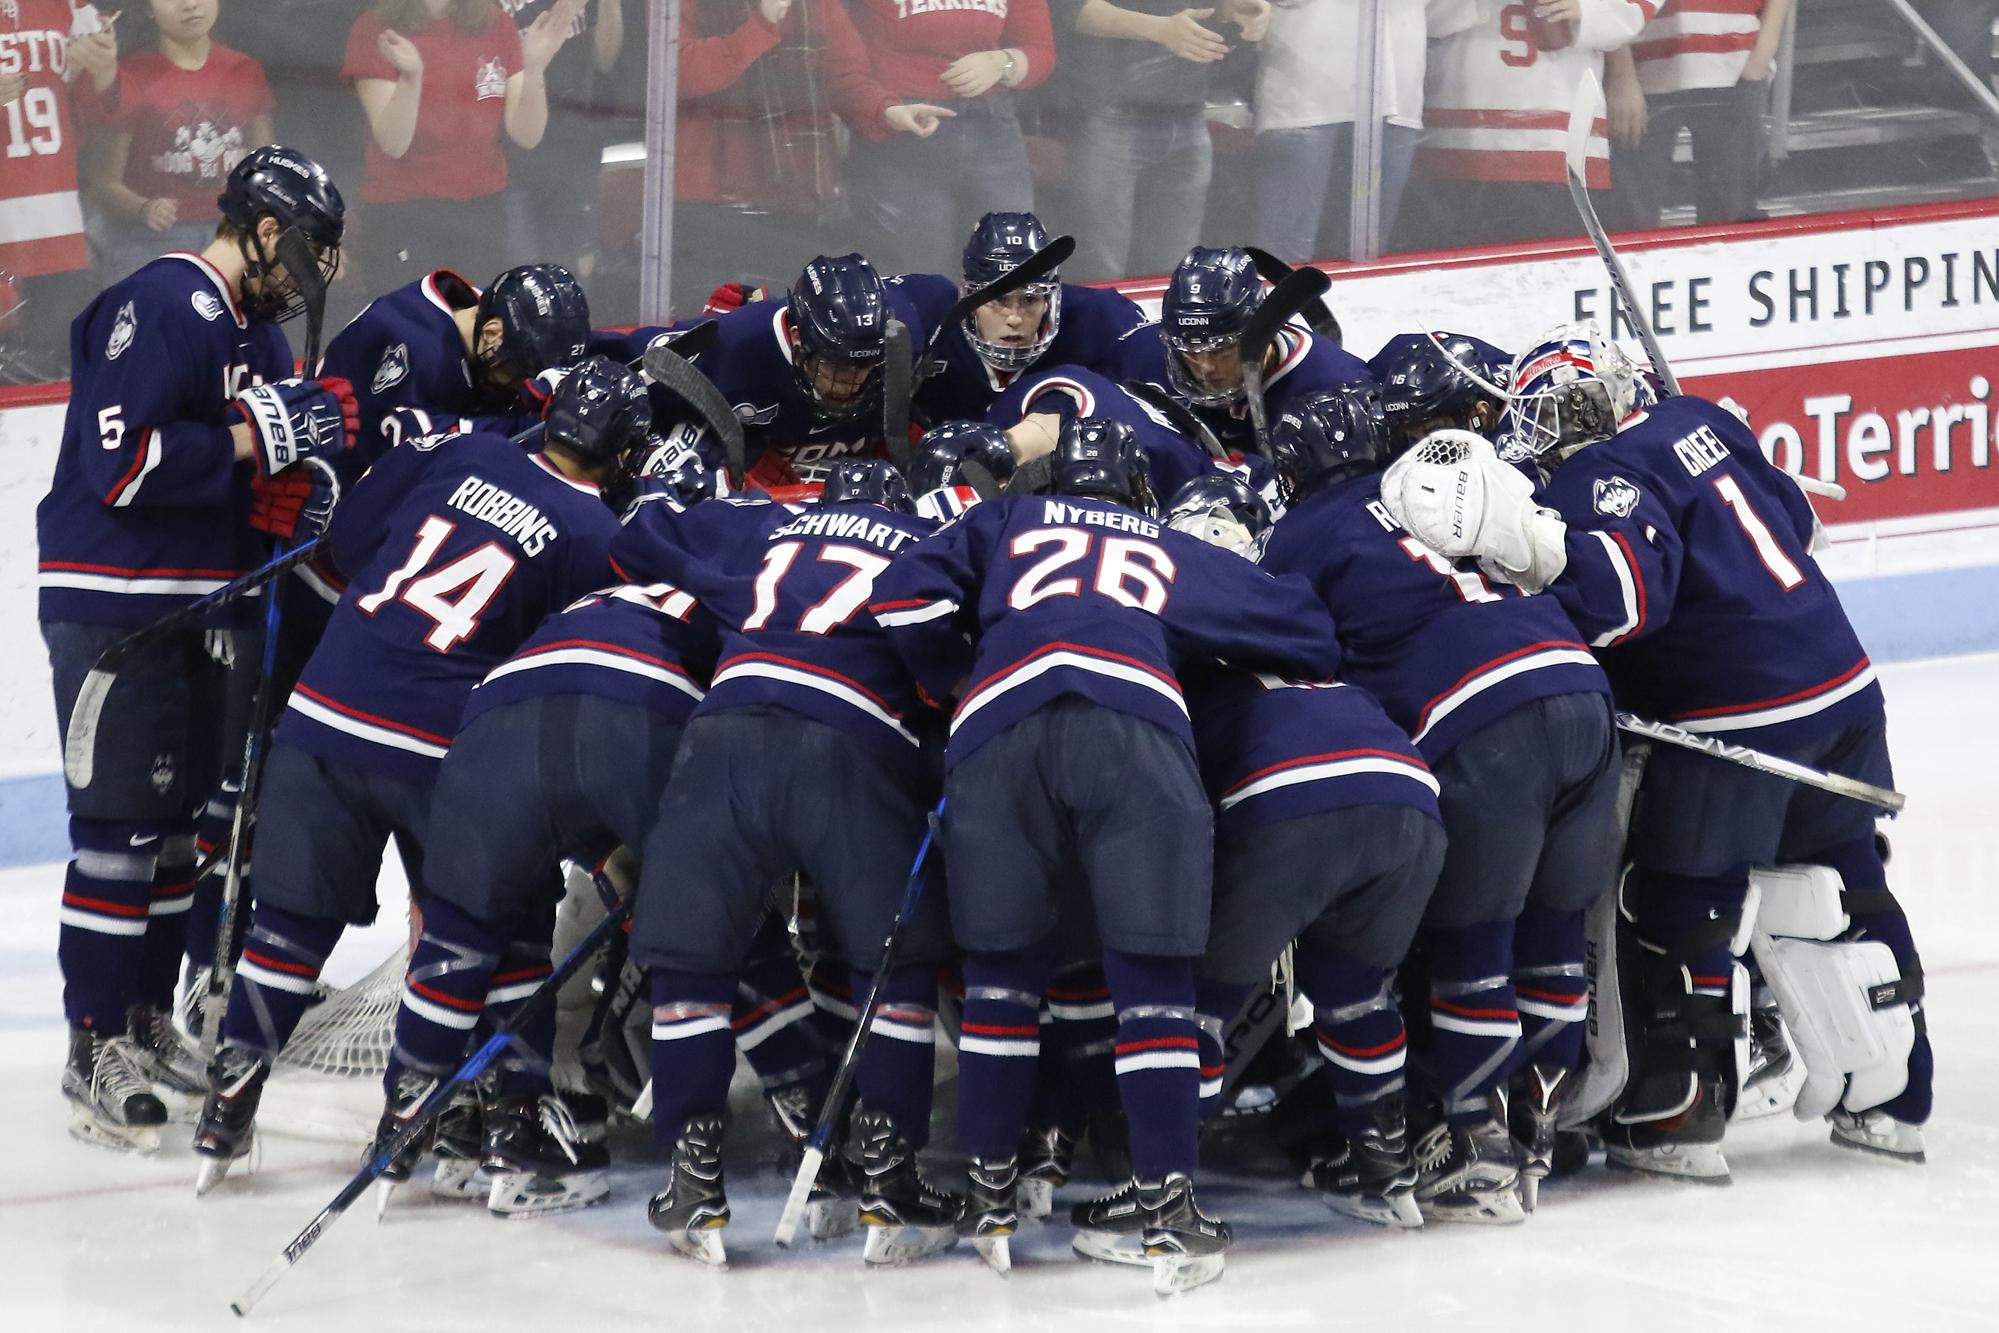 UConn Huskies @ BU Terriers (Hockey East Quarterfinals Game 2) - The